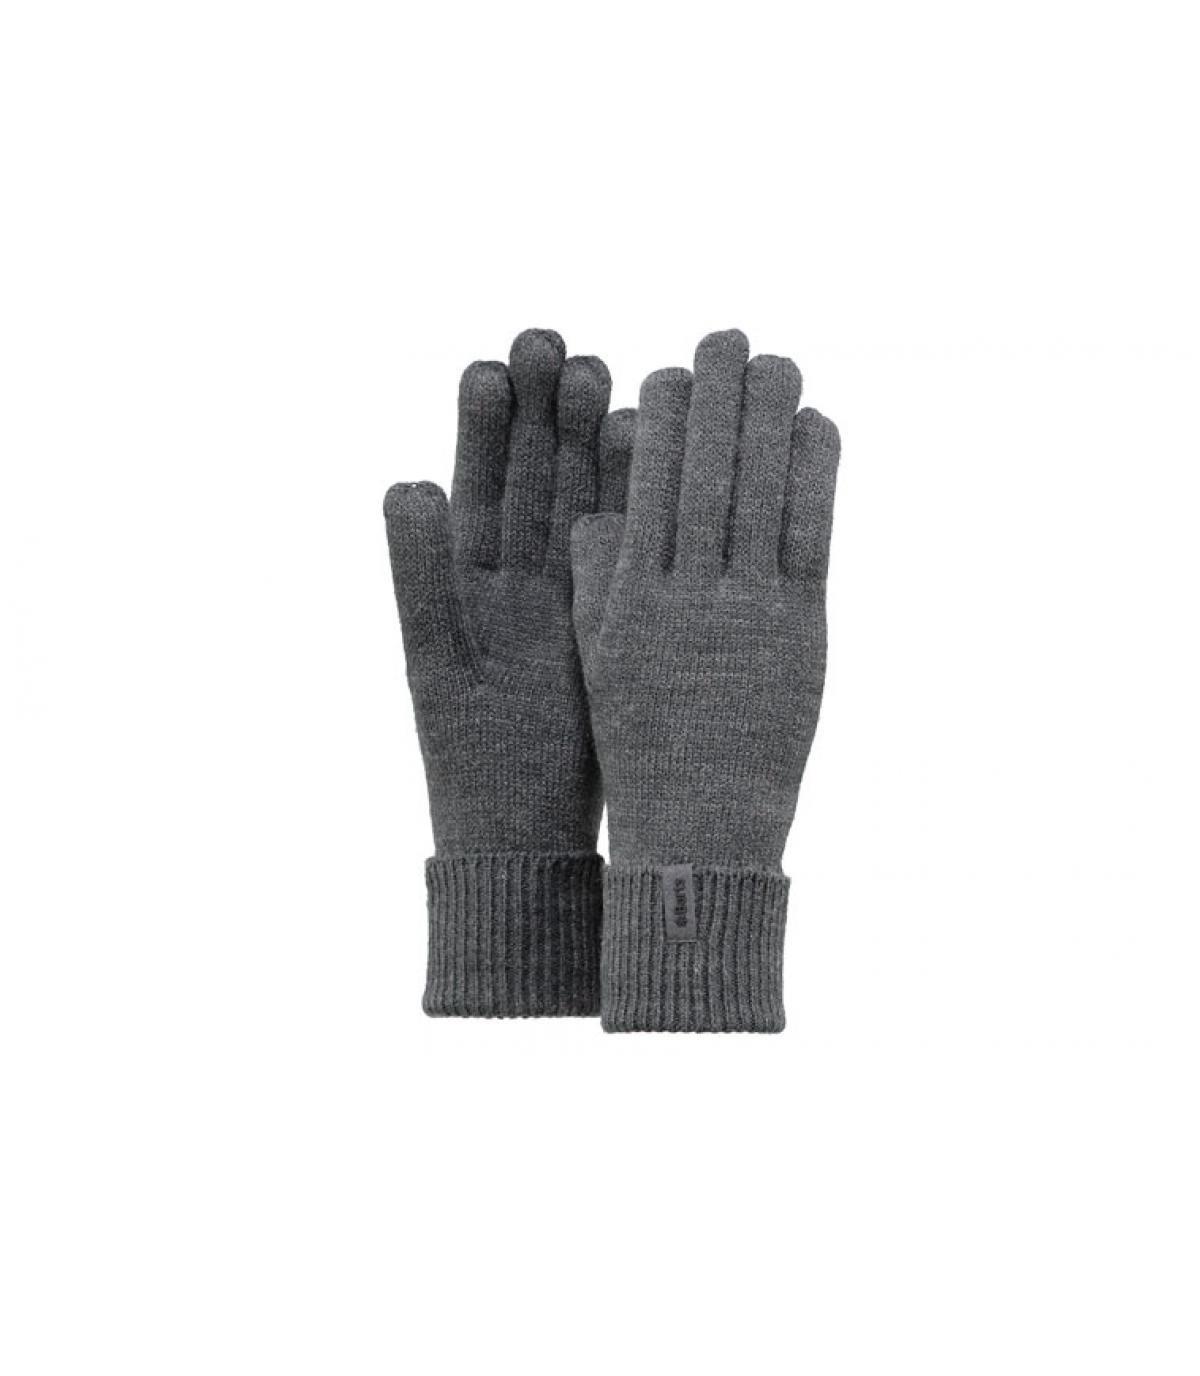 Details Fijne gebreide handschoenen donkergrijs - afbeeling 3